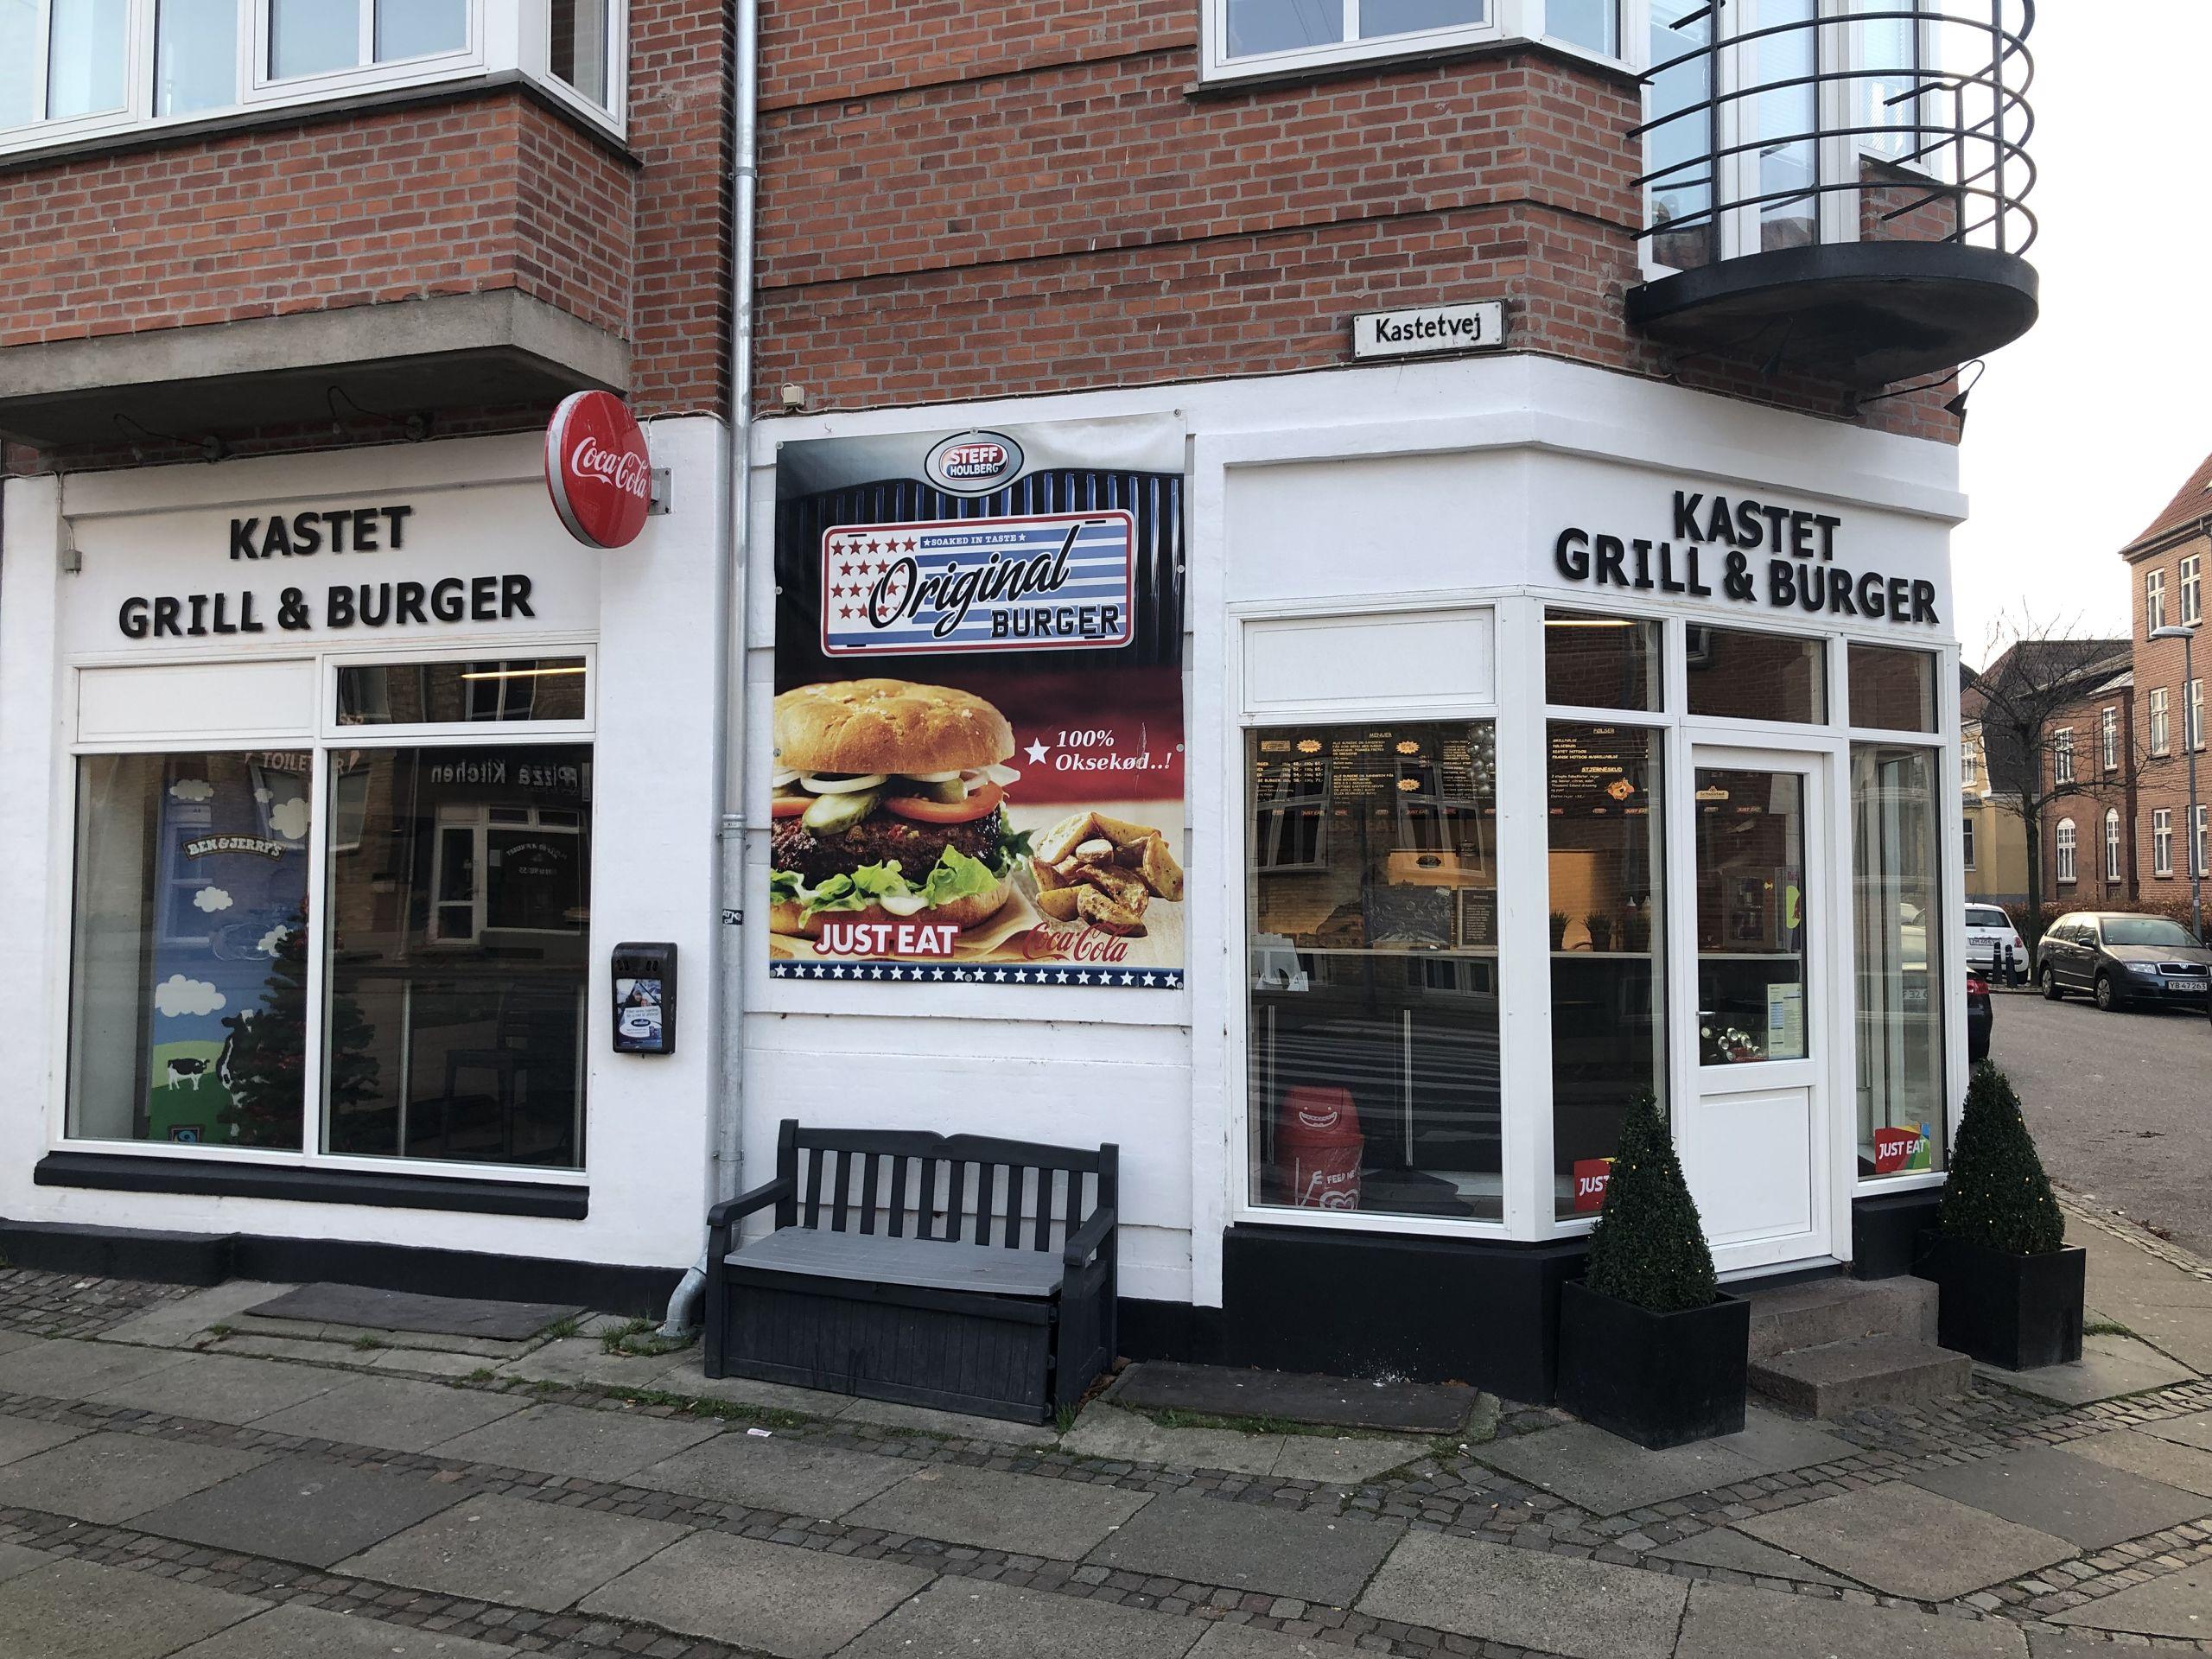 Kastet Grill & Burger kan det næste år prale af at være Nordjyllands bedste takeawaysted. Privatfoto